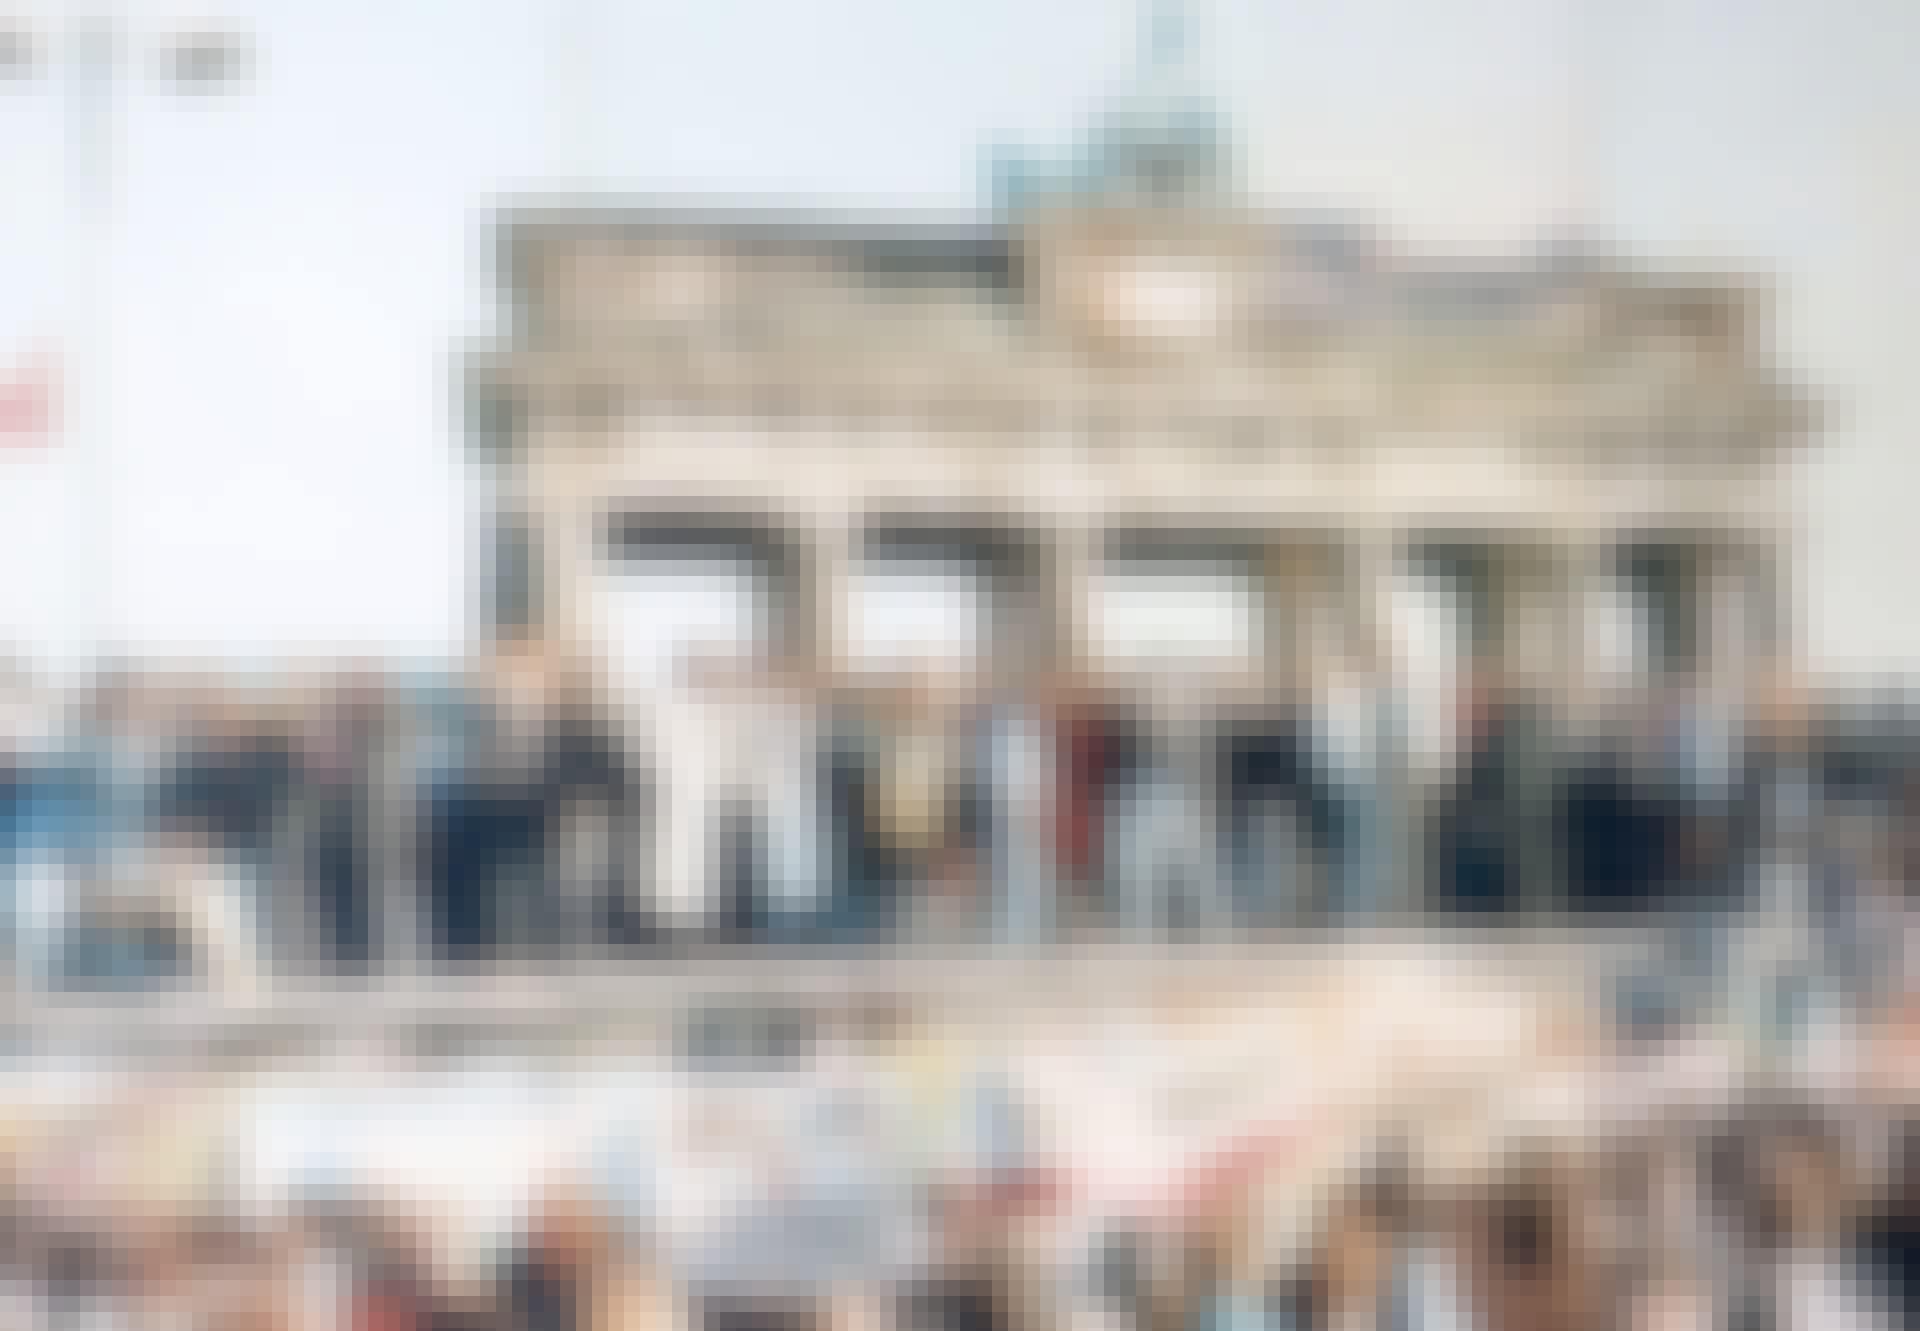 Mensen staan op de Berlijnse Muur voor de Brandenburger Tor